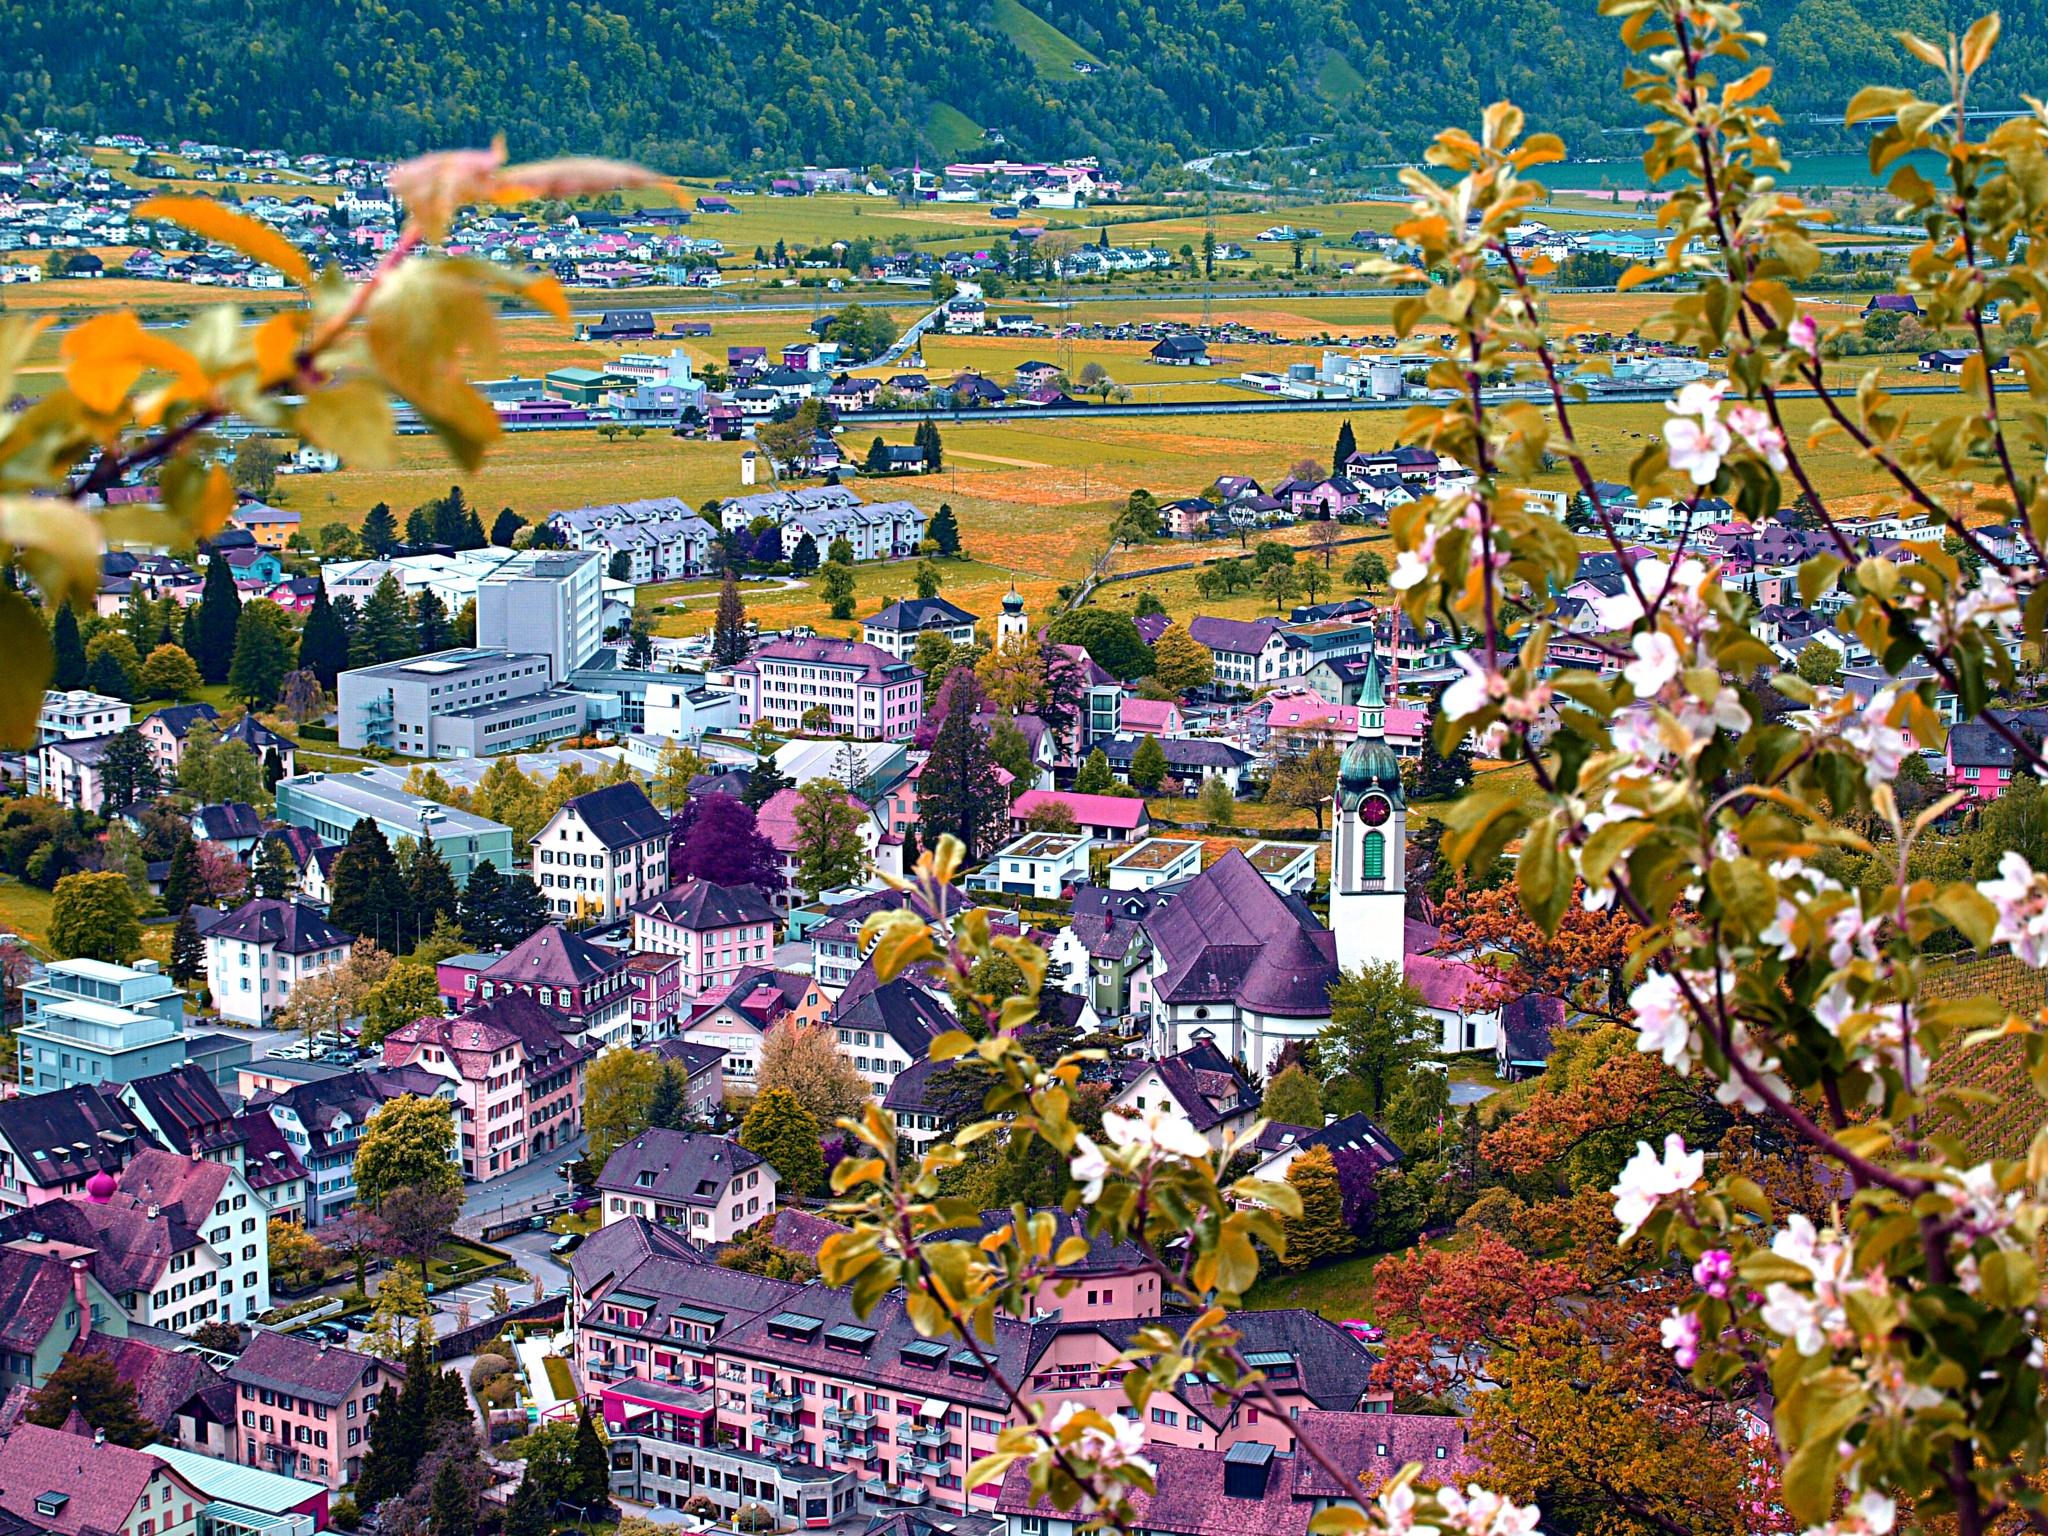 View of Altdorf by Rudy Tarrazona Guacena